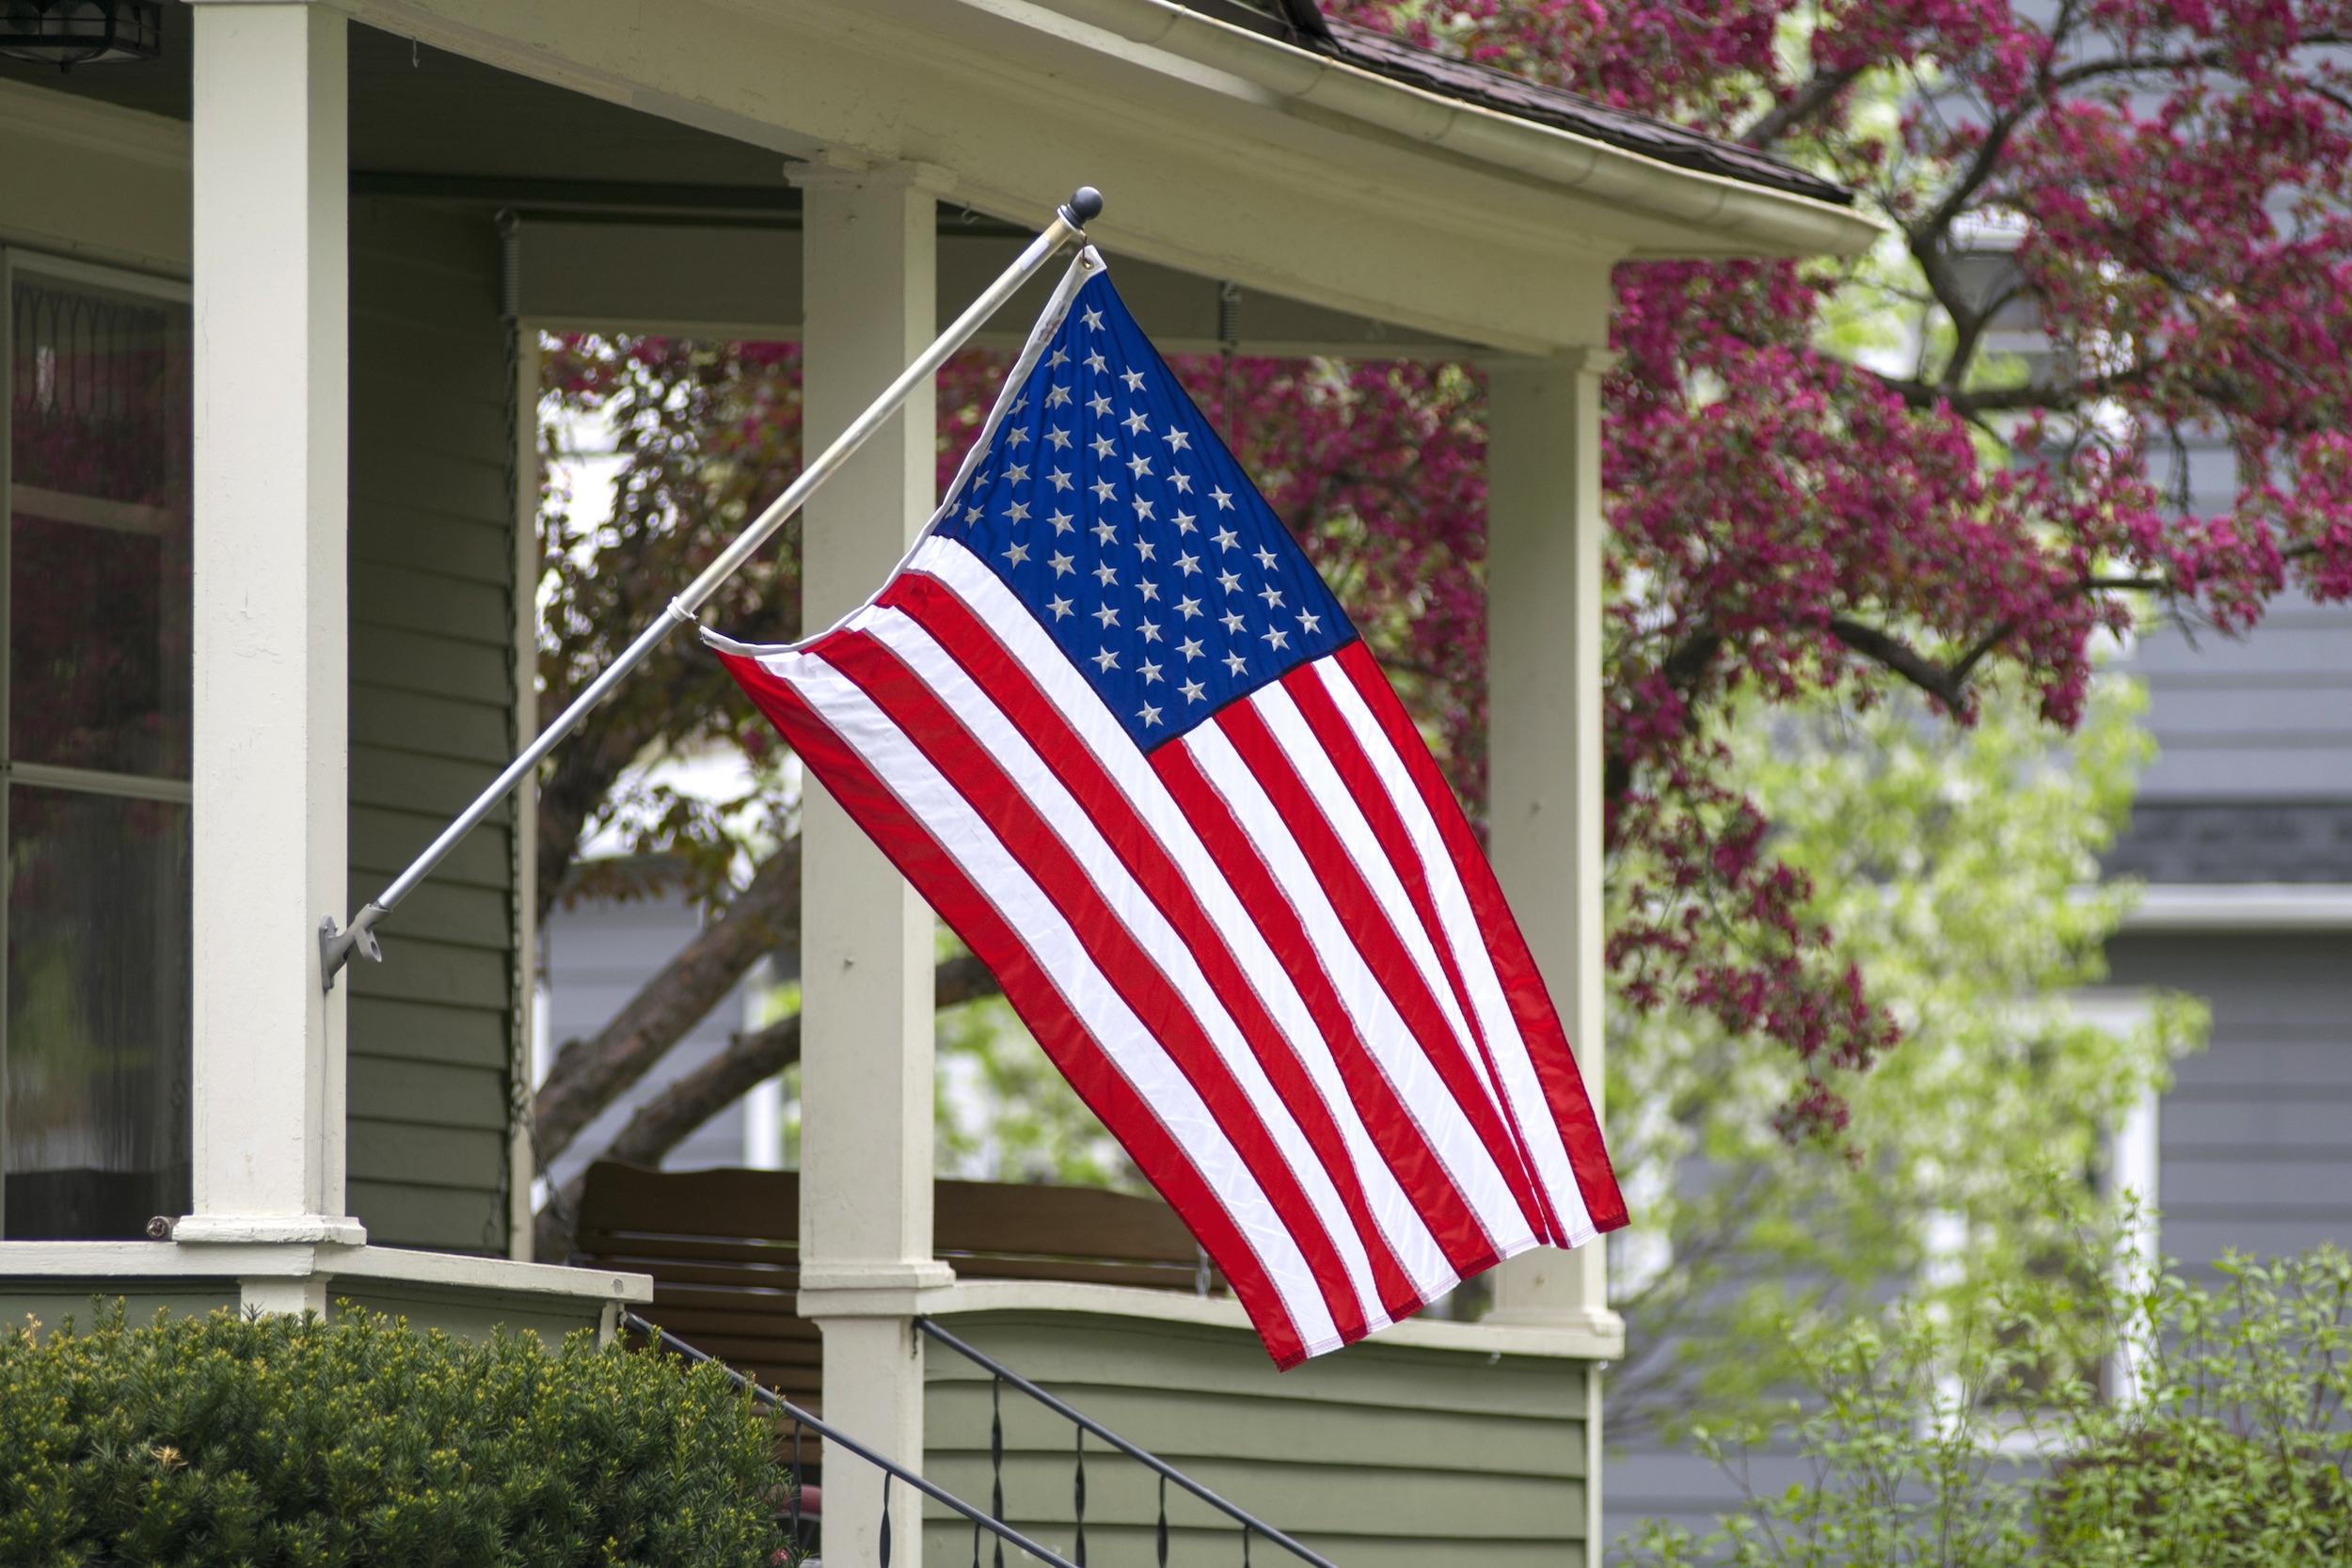 c326880a6aa1c8b266f9_American_Flag.jpg